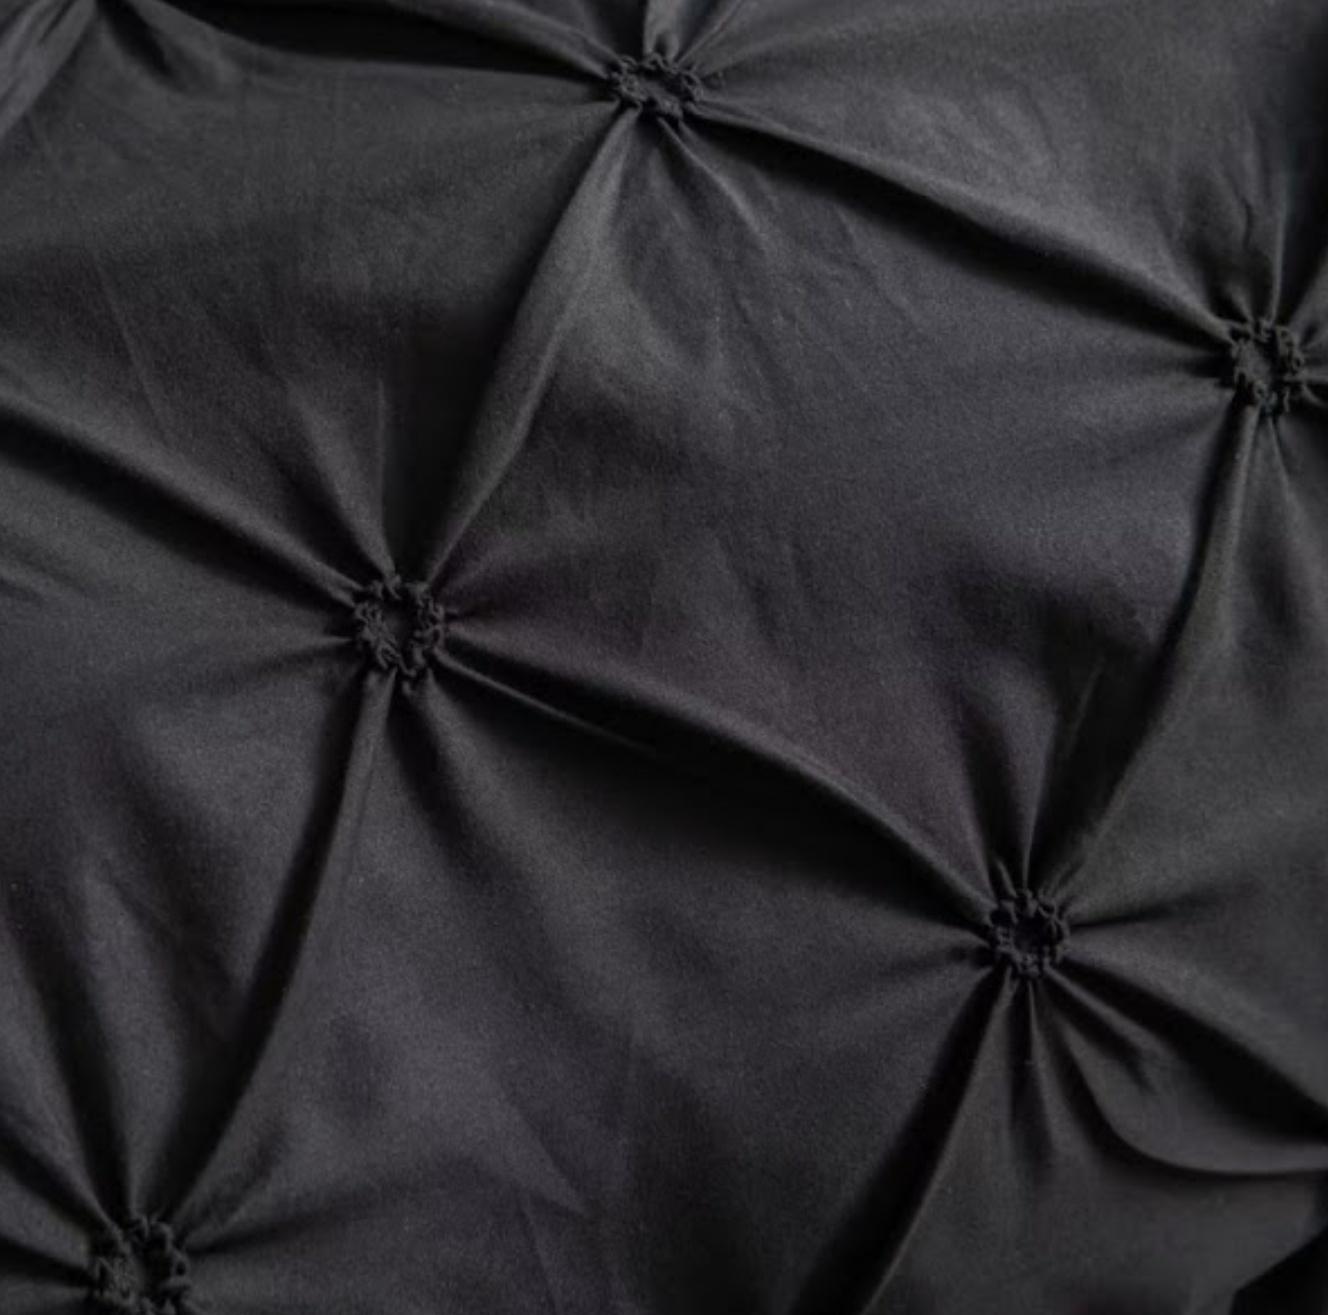 Lenjerie de pat Premium, 6 piese, finet, 200x220 cm, NEGRU